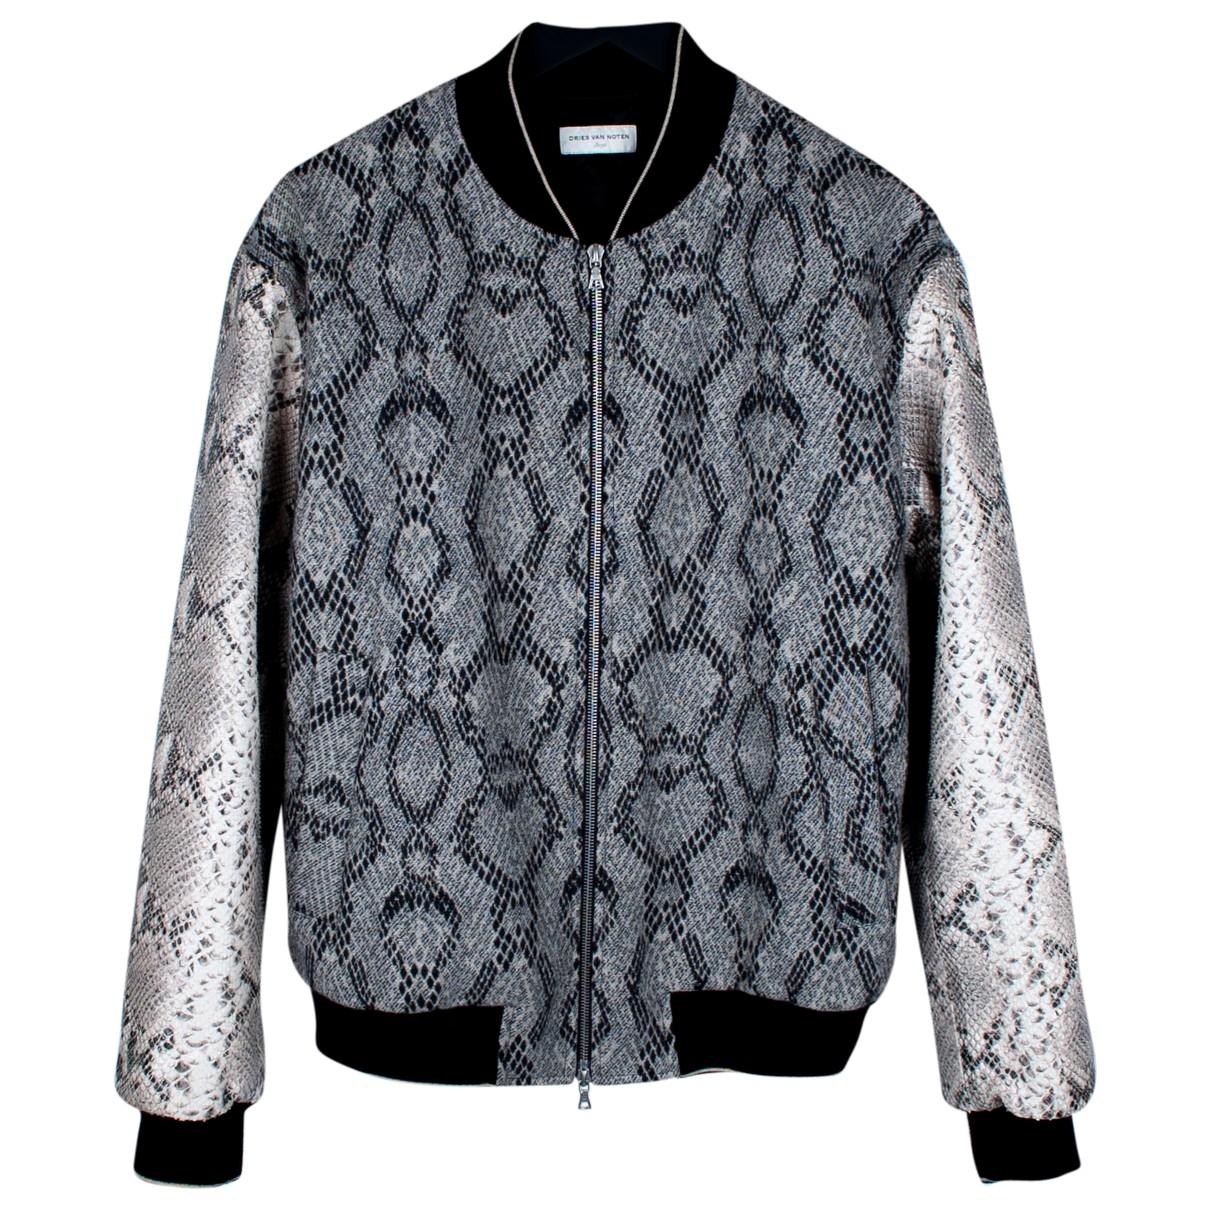 Dries Van Noten \N Grey Wool jacket  for Men L International